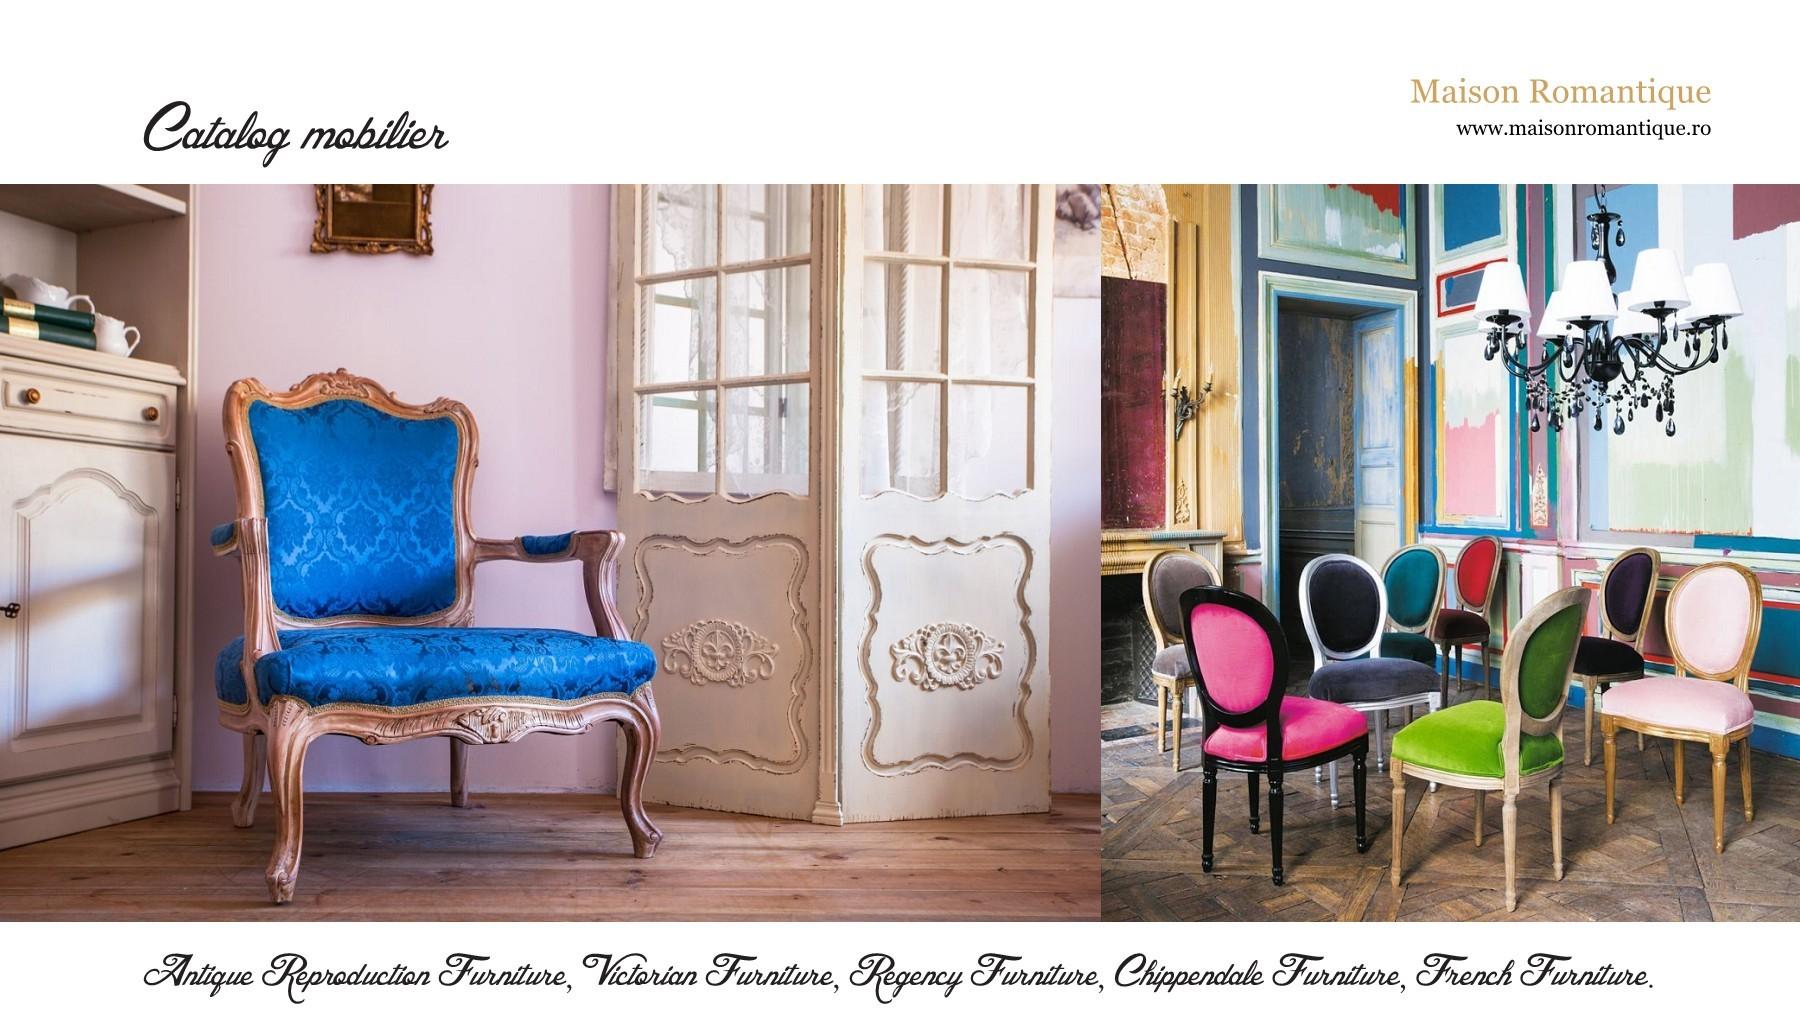 Catalog mobilier maison romantique pubhtml5